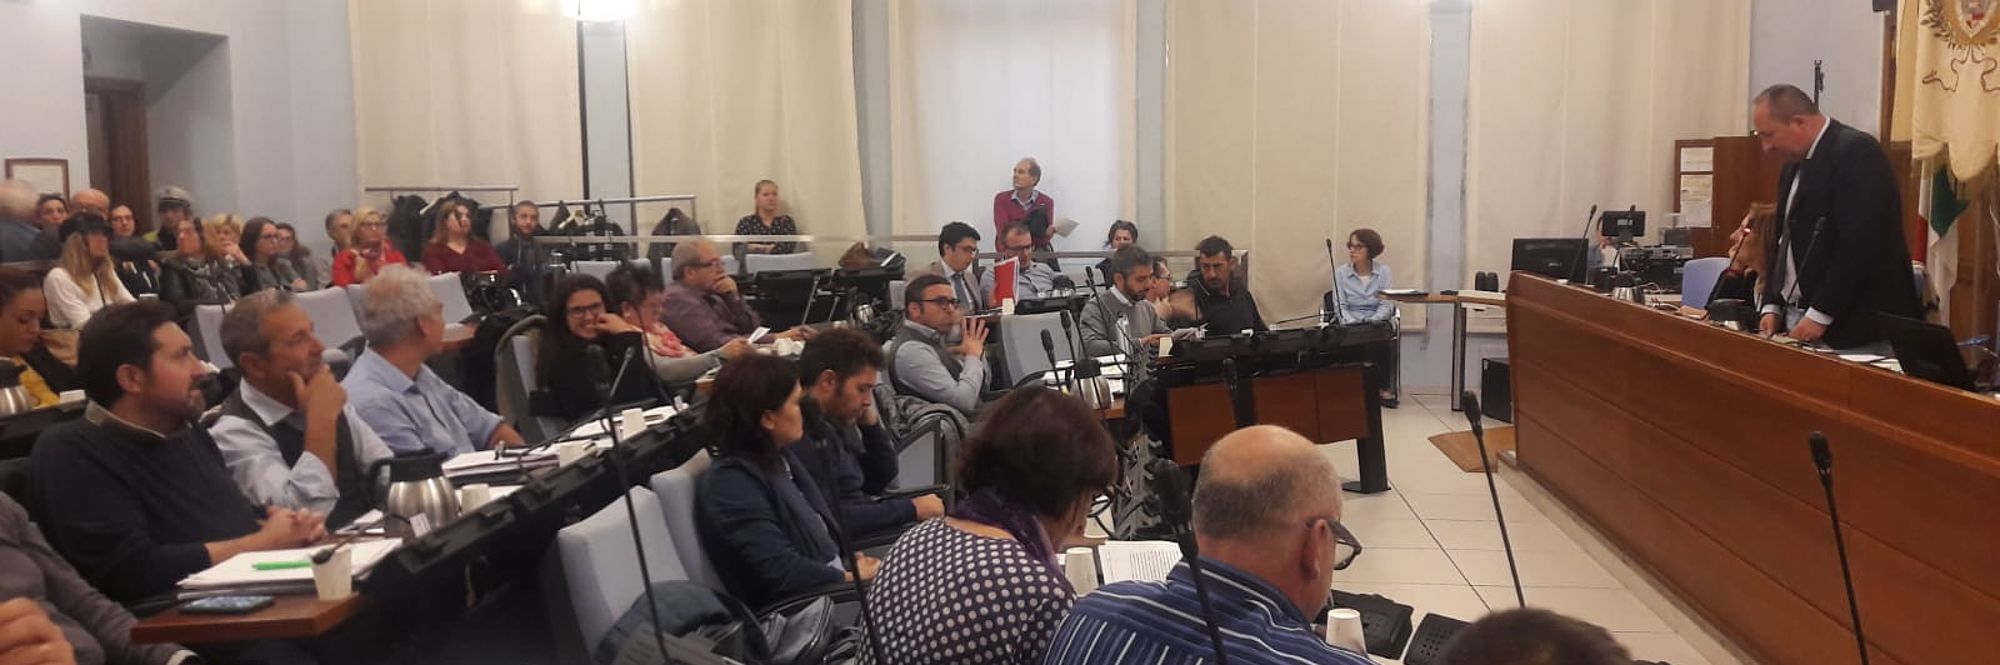 Pesaro Studi, Ricci: «Bene voto consiglio, ora chiederemo incontro al rettore Stocchi insieme a Frenquellucci»